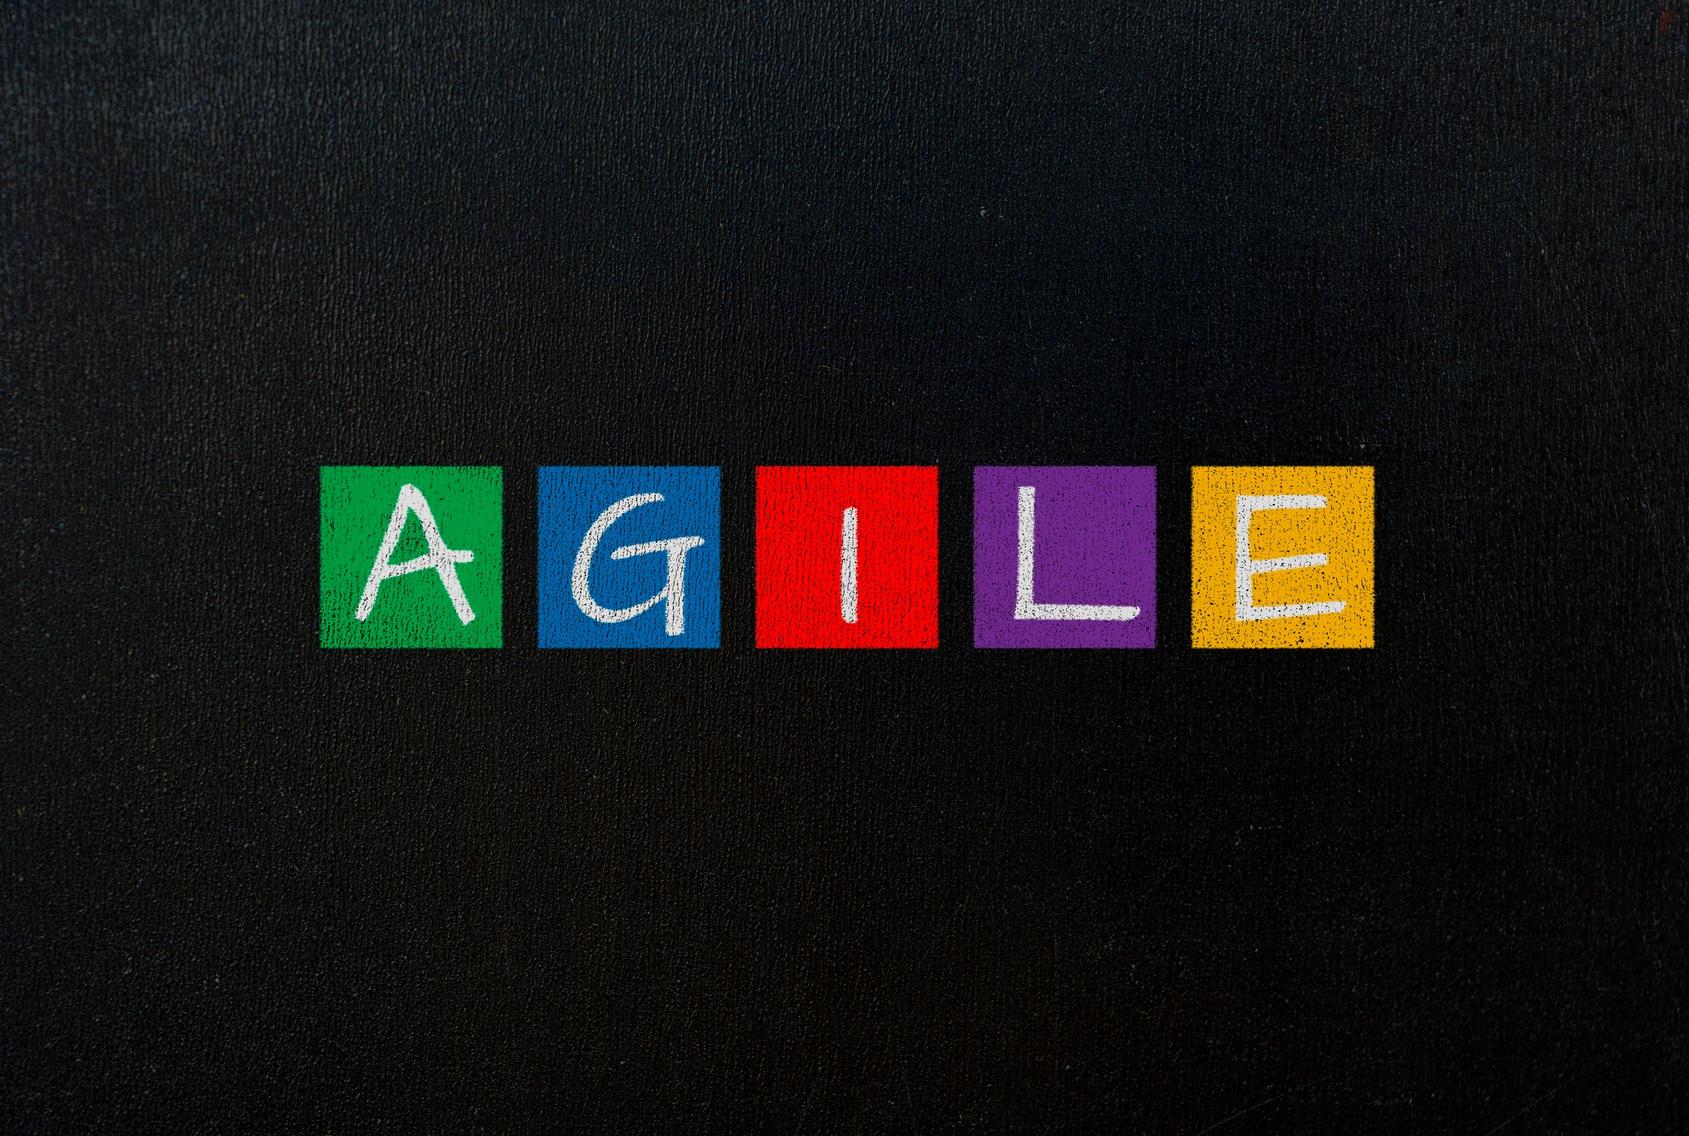 Agile_Image.jpg